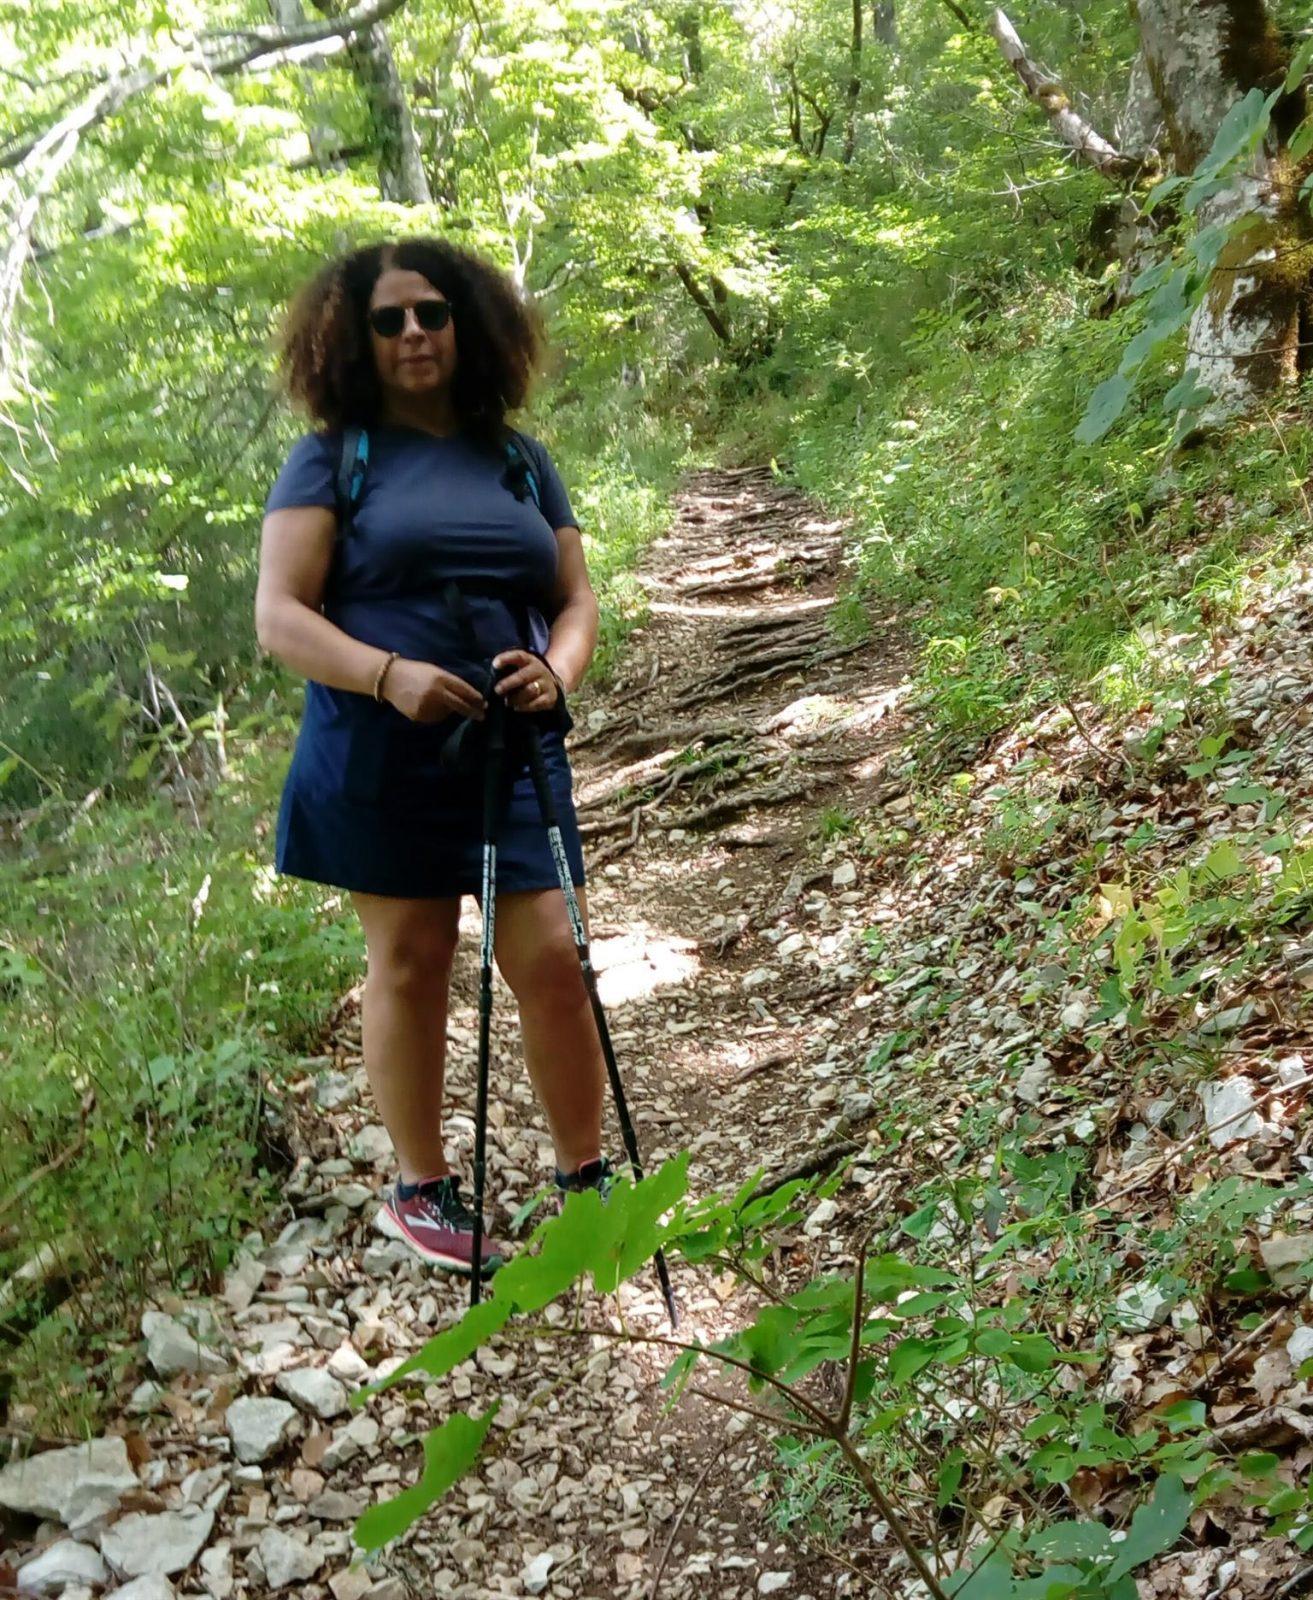 randonnée pédestre au cœur du Tarn